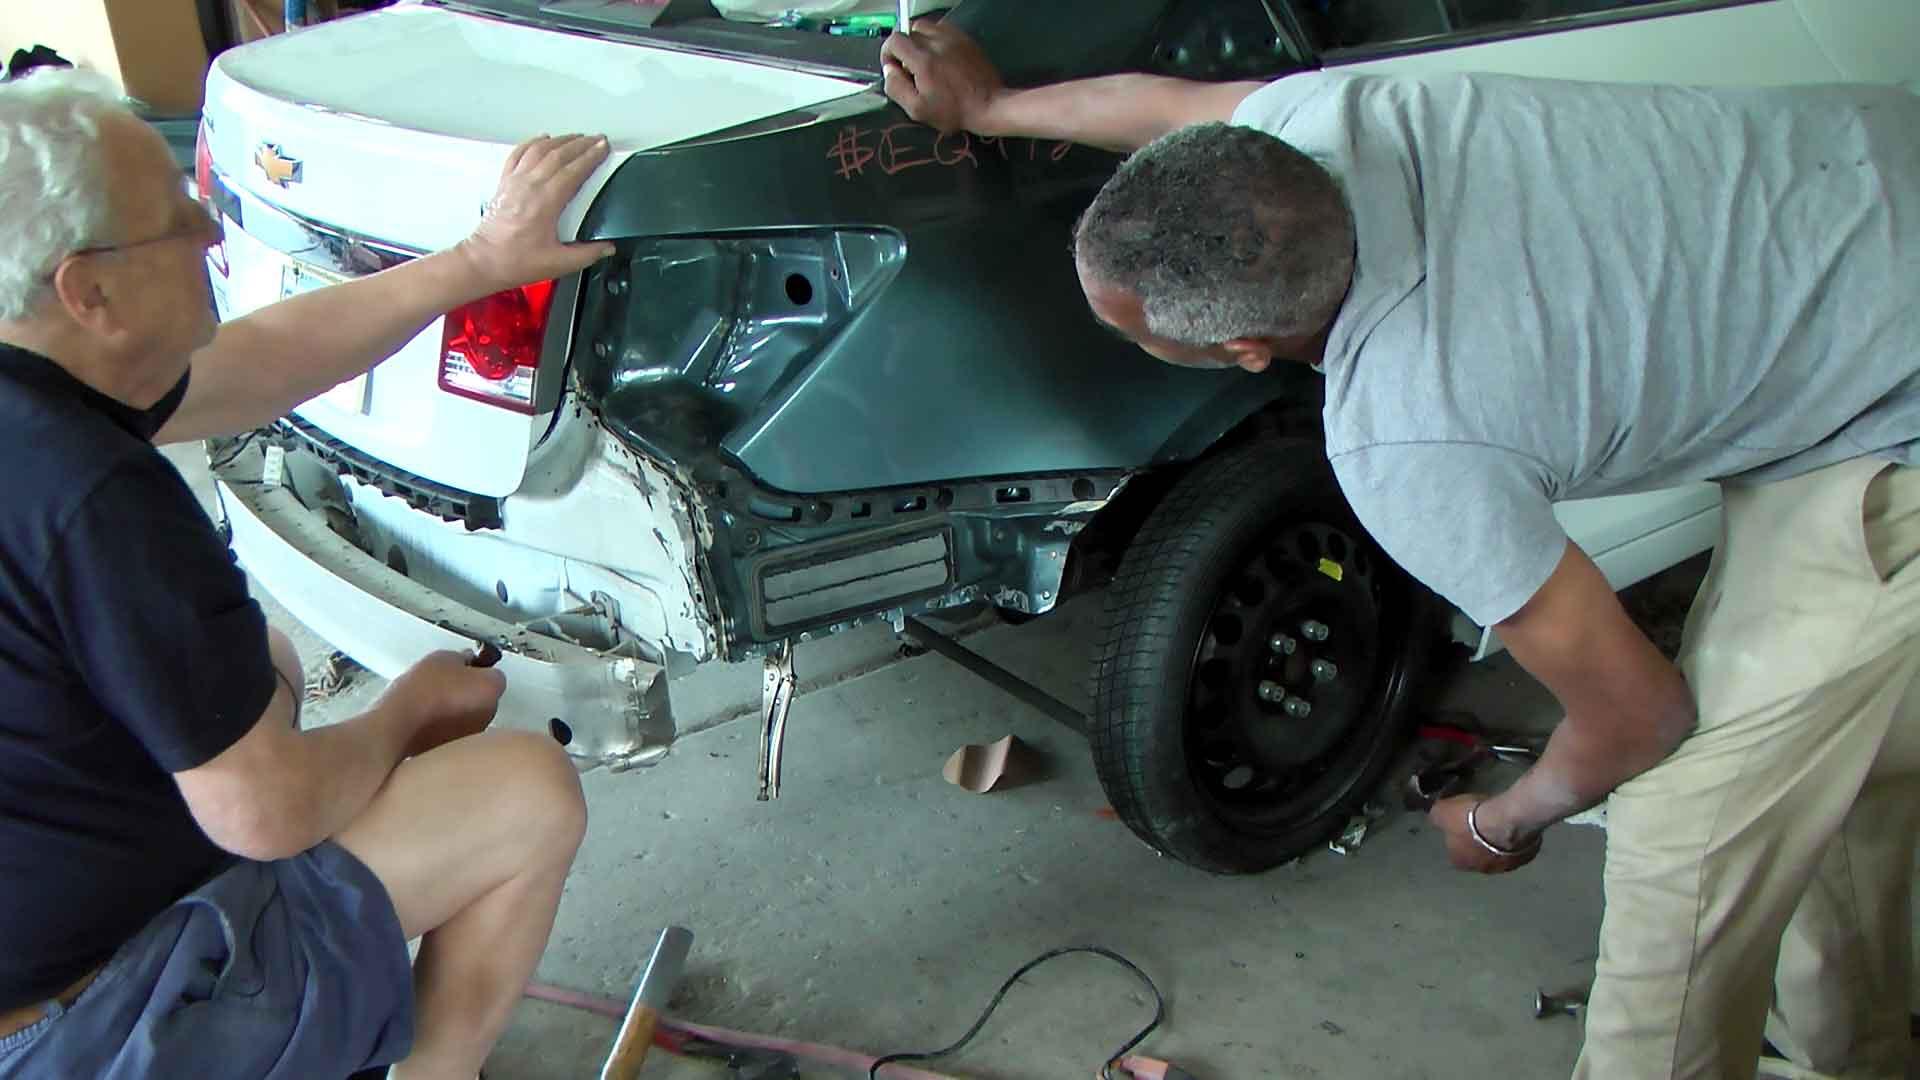 Auto Body Tacony Collision Repair Philadelphia